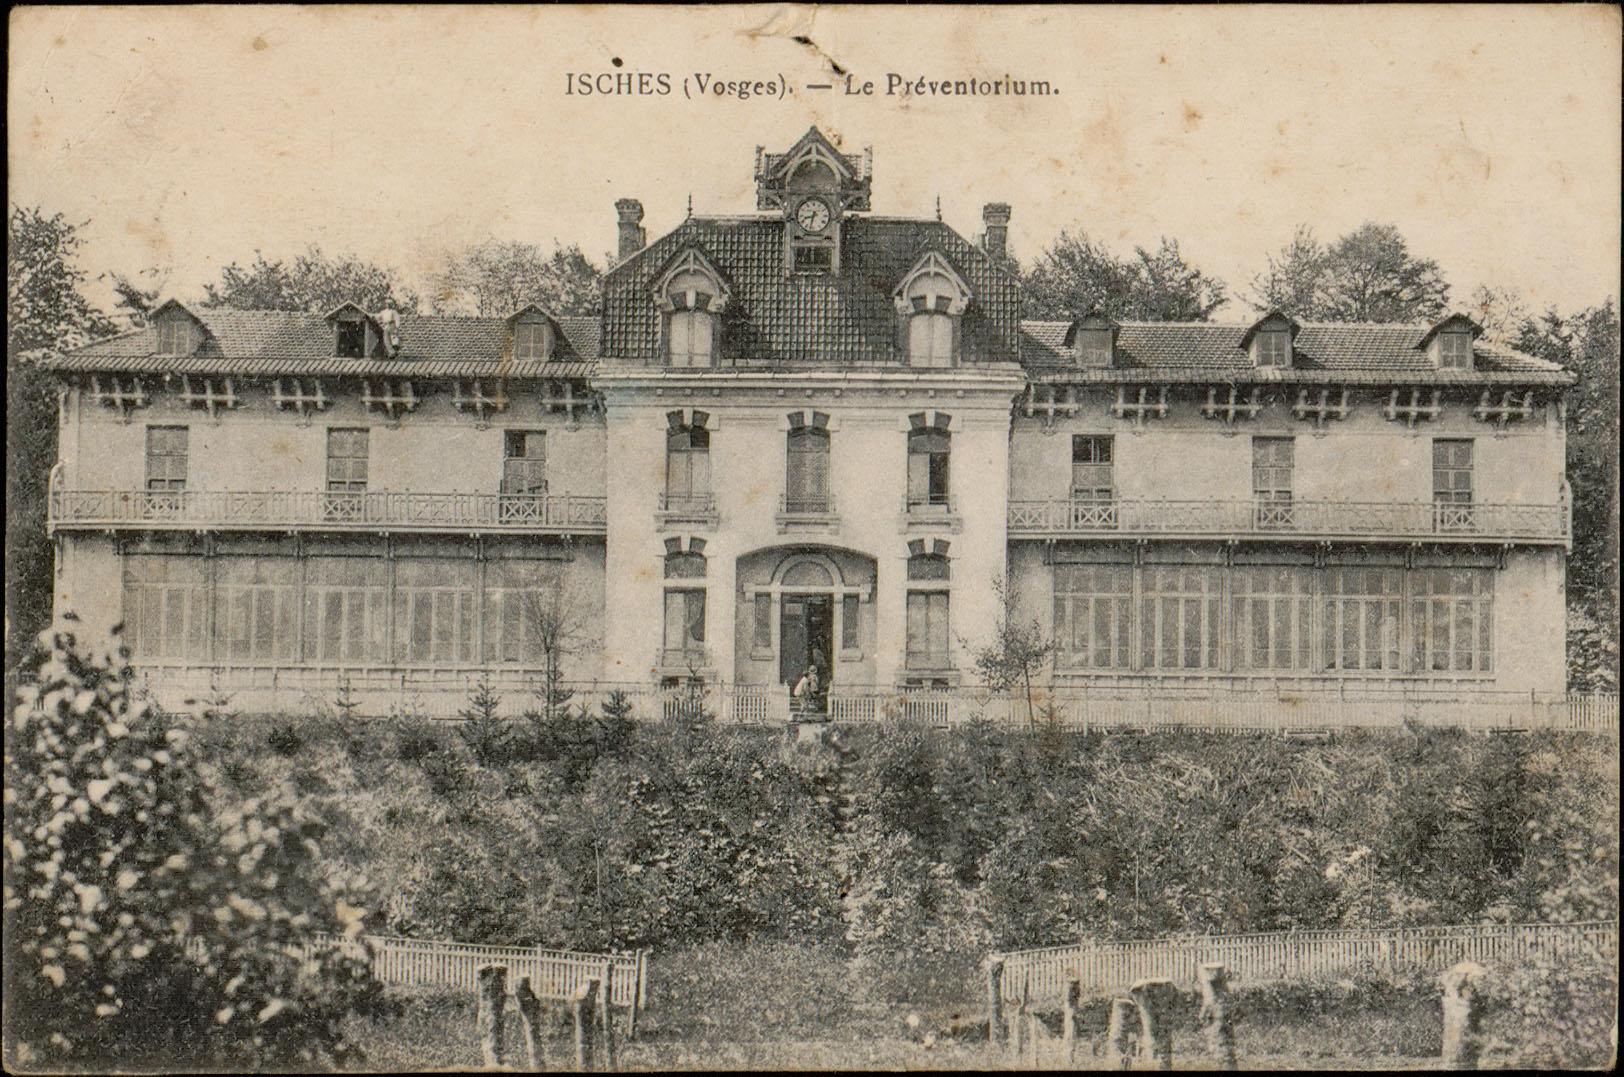 Contenu du Isches (Vosges), Le Préventorium